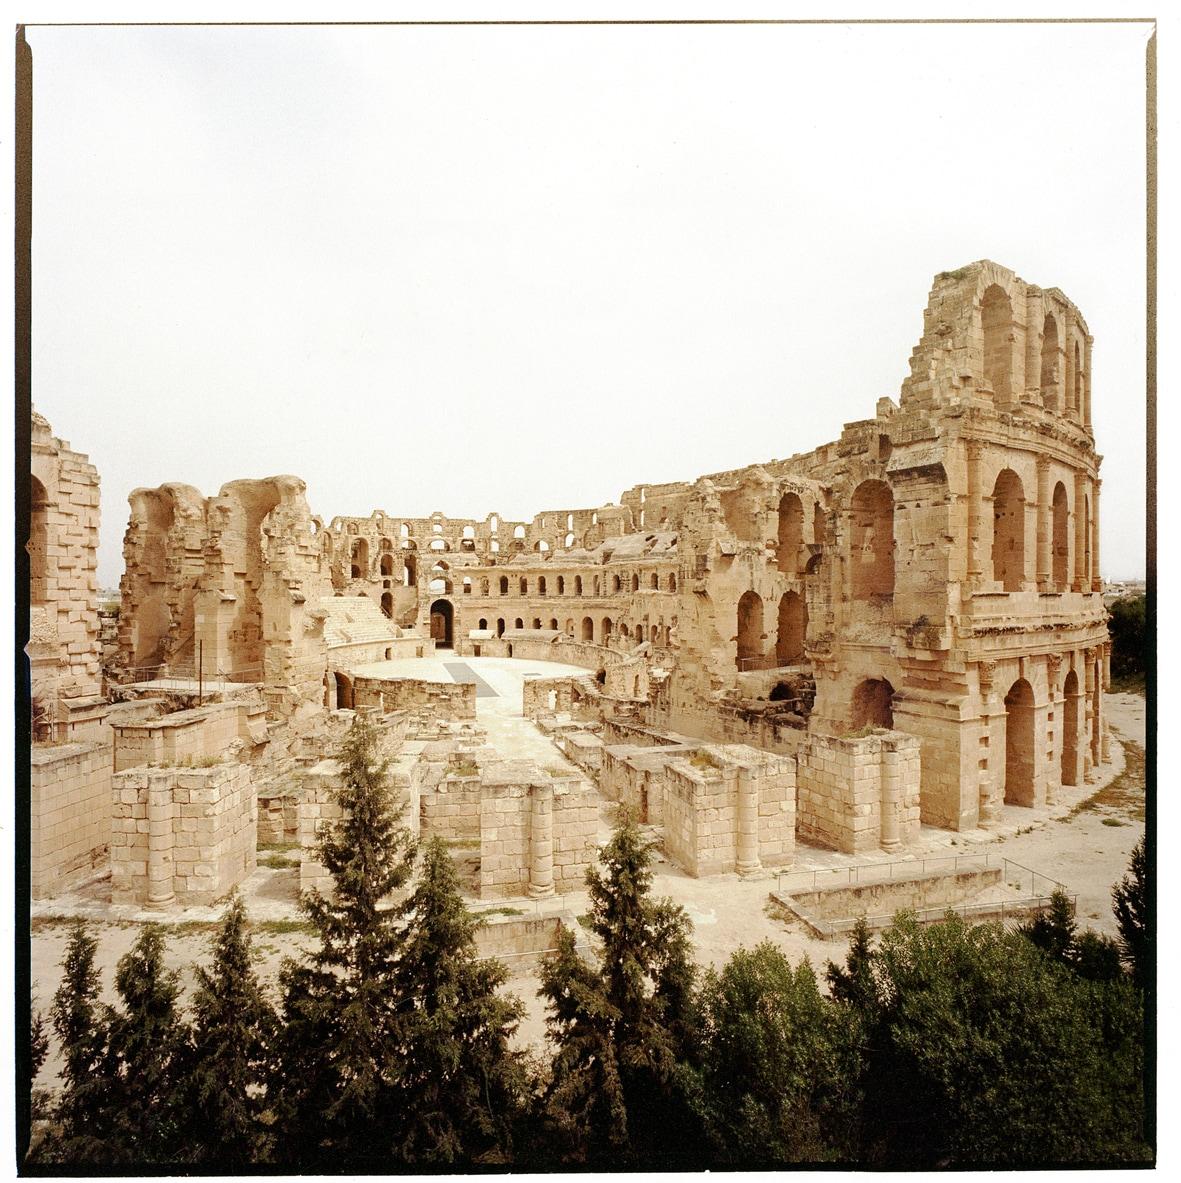 ROMA IN AFRICA: UN VIAGGIO FOTOGRAFICO. Thysdrus, Tunisia. Credit Donata Pizzi.